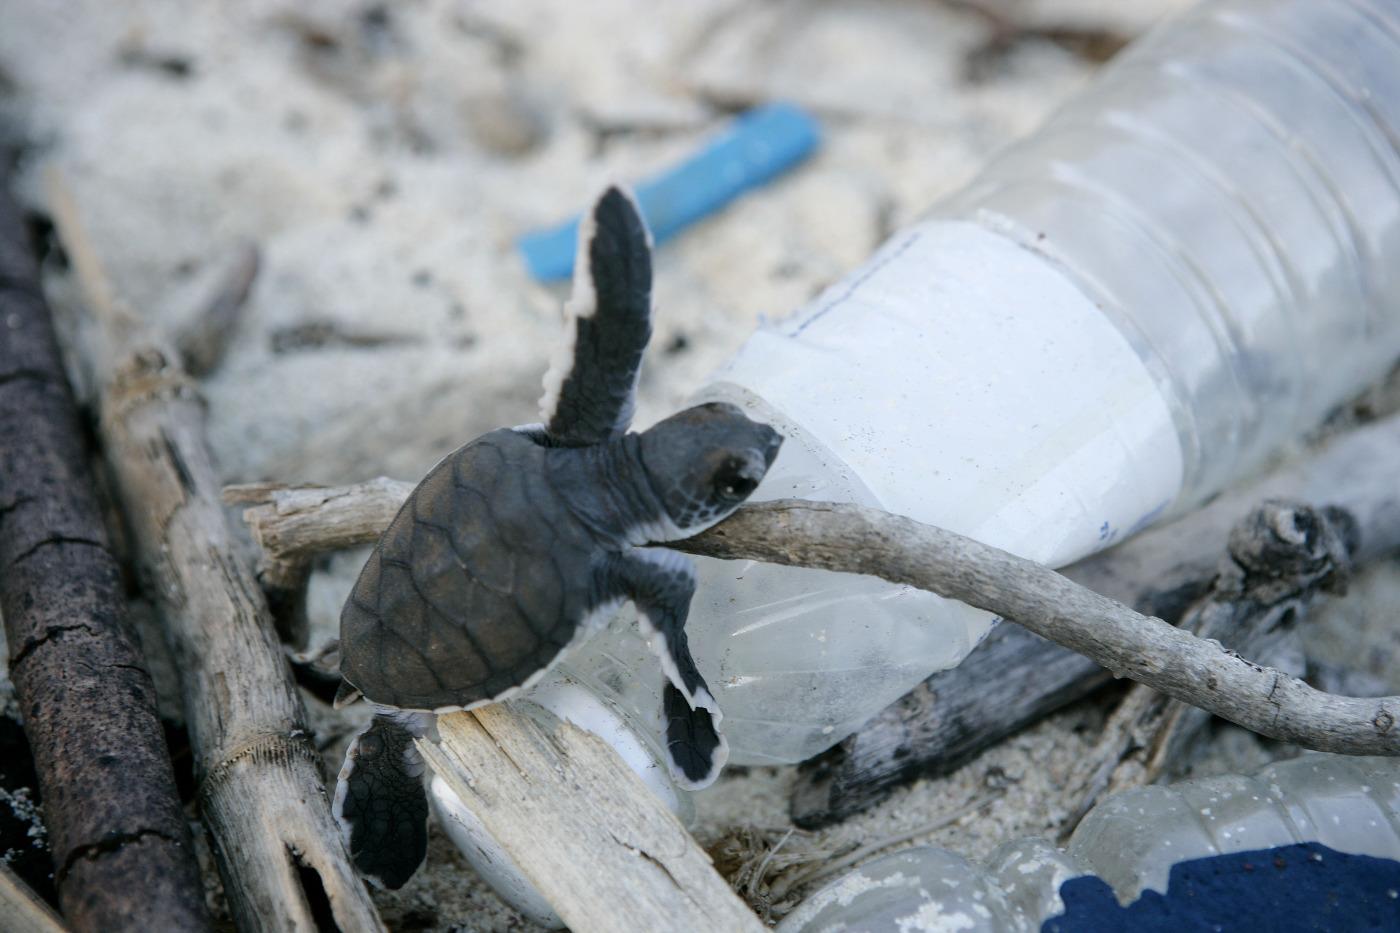 Plastikmüll am Strand als Hindernis für eine Schildkröte